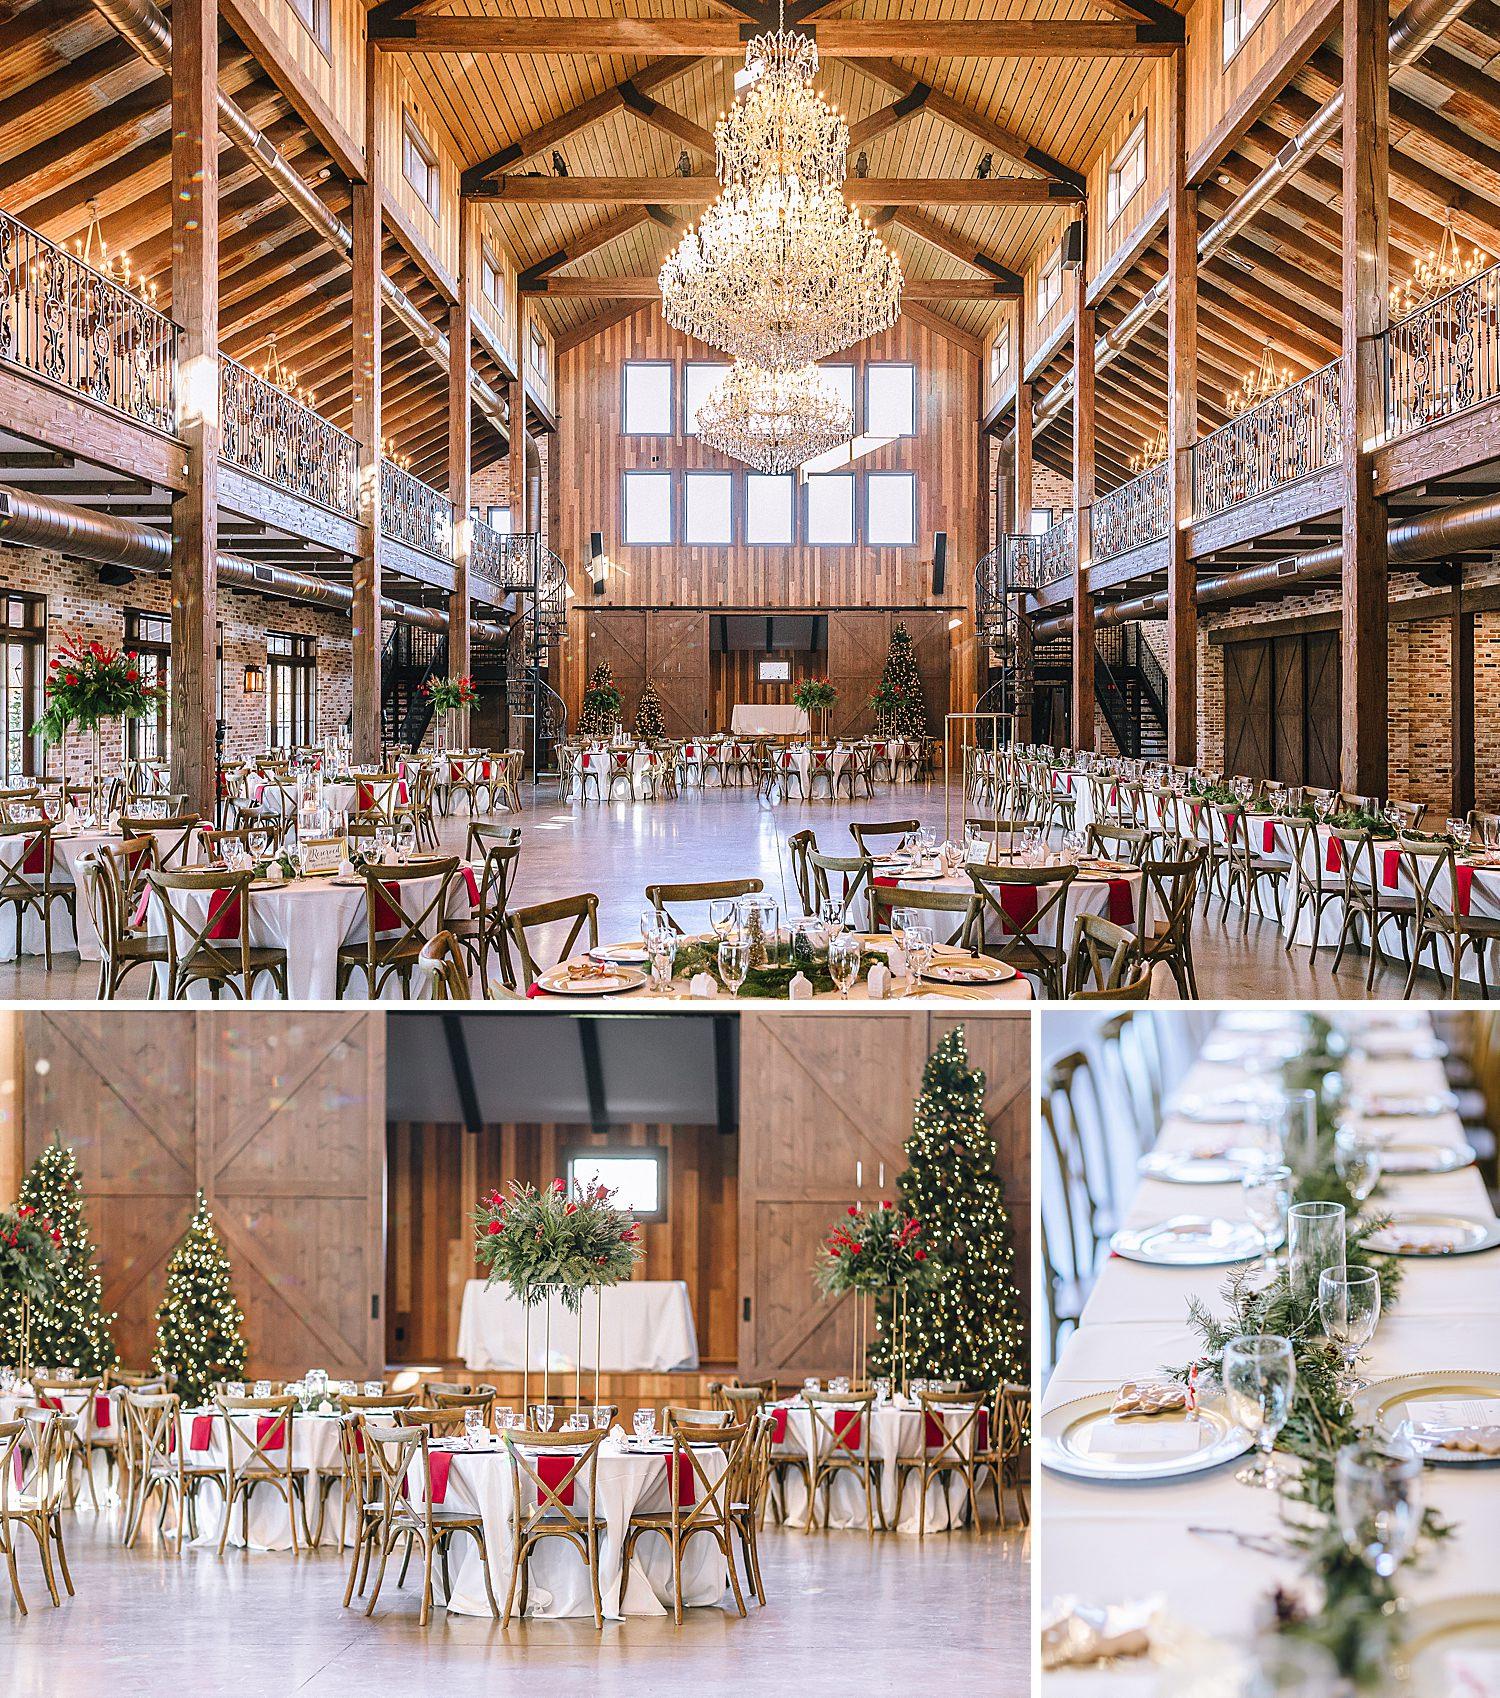 College-Station-Aggie-Wedding-The-Weinberg-at-Wixon-Valley-Christmas-Hallmark-Wedding_0012.jpg